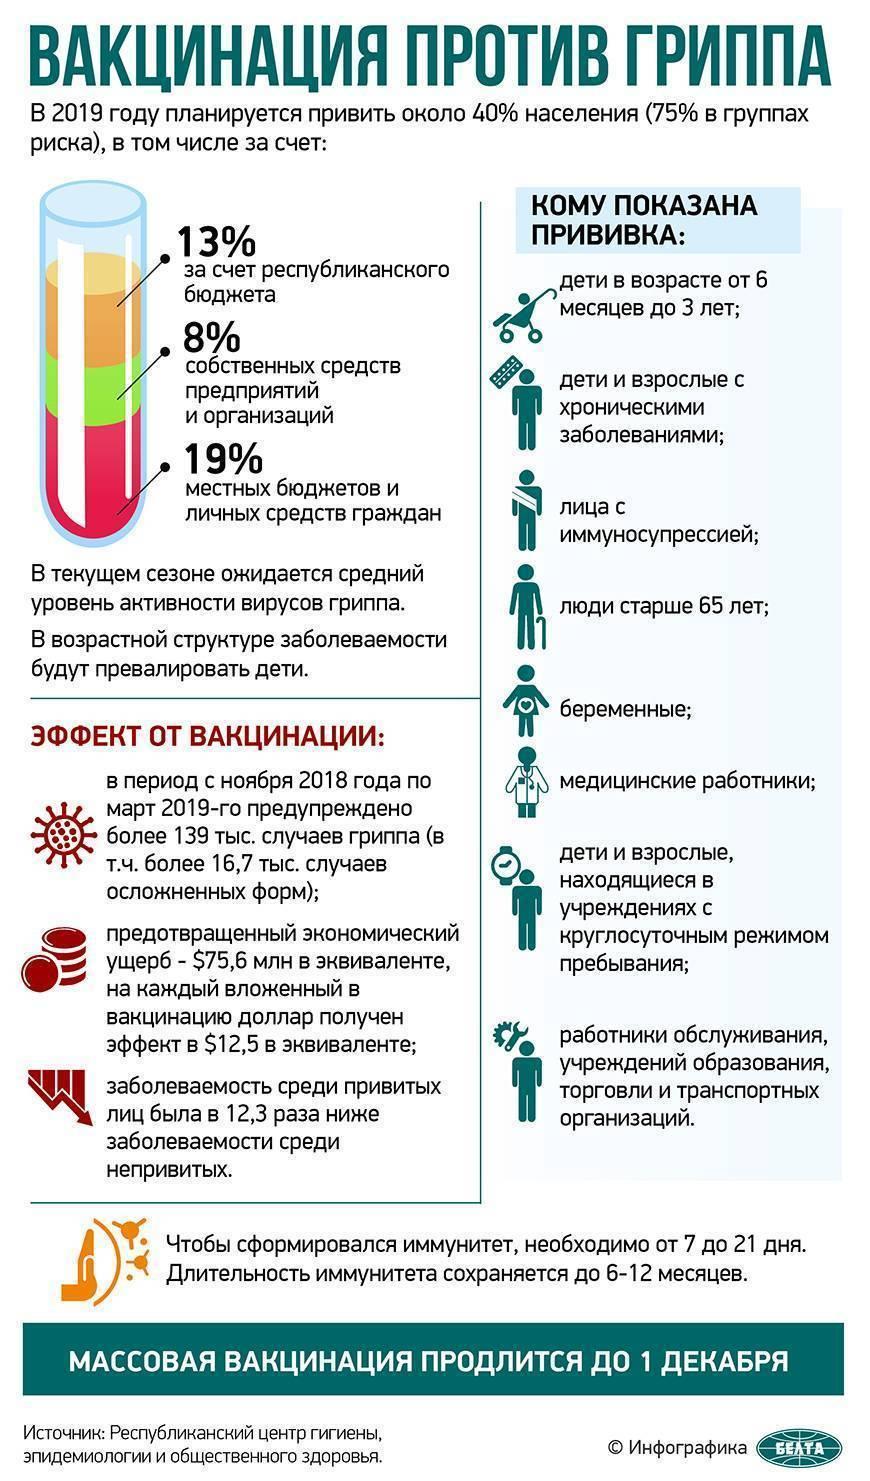 Прививка от гриппа и алкоголь совместимость отзывы - всё о здоровье